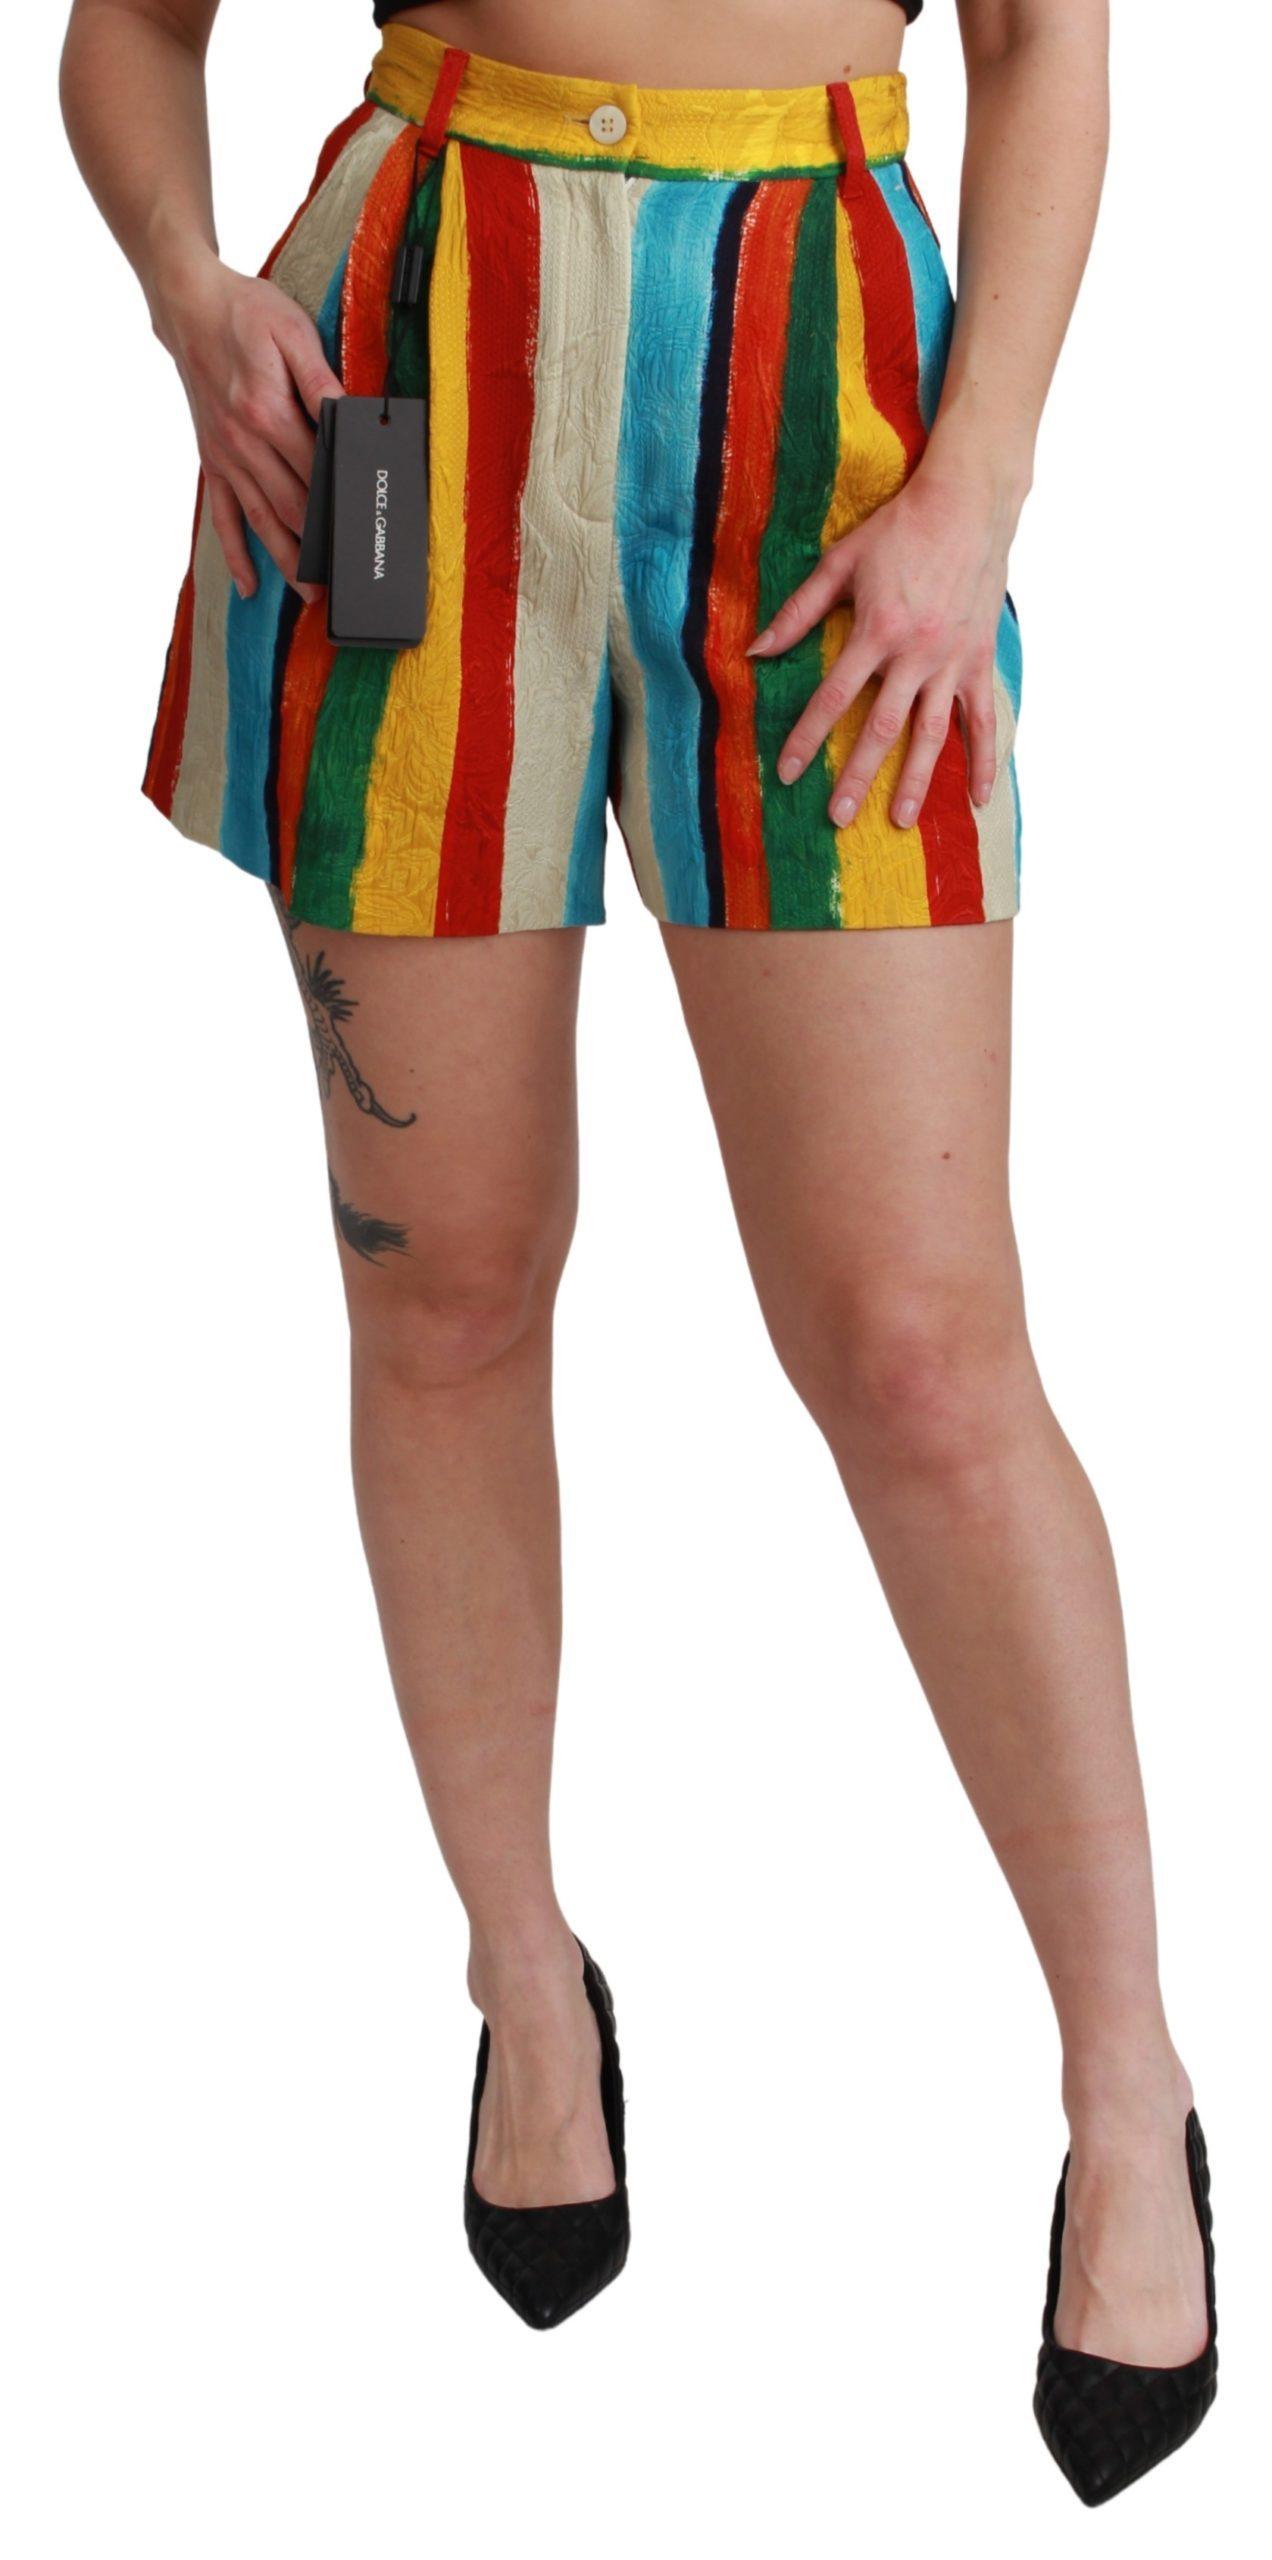 Dolce & Gabbana Women's Riga Pittorica Mini Shorts Multicolor SKI1450 - IT38 XS